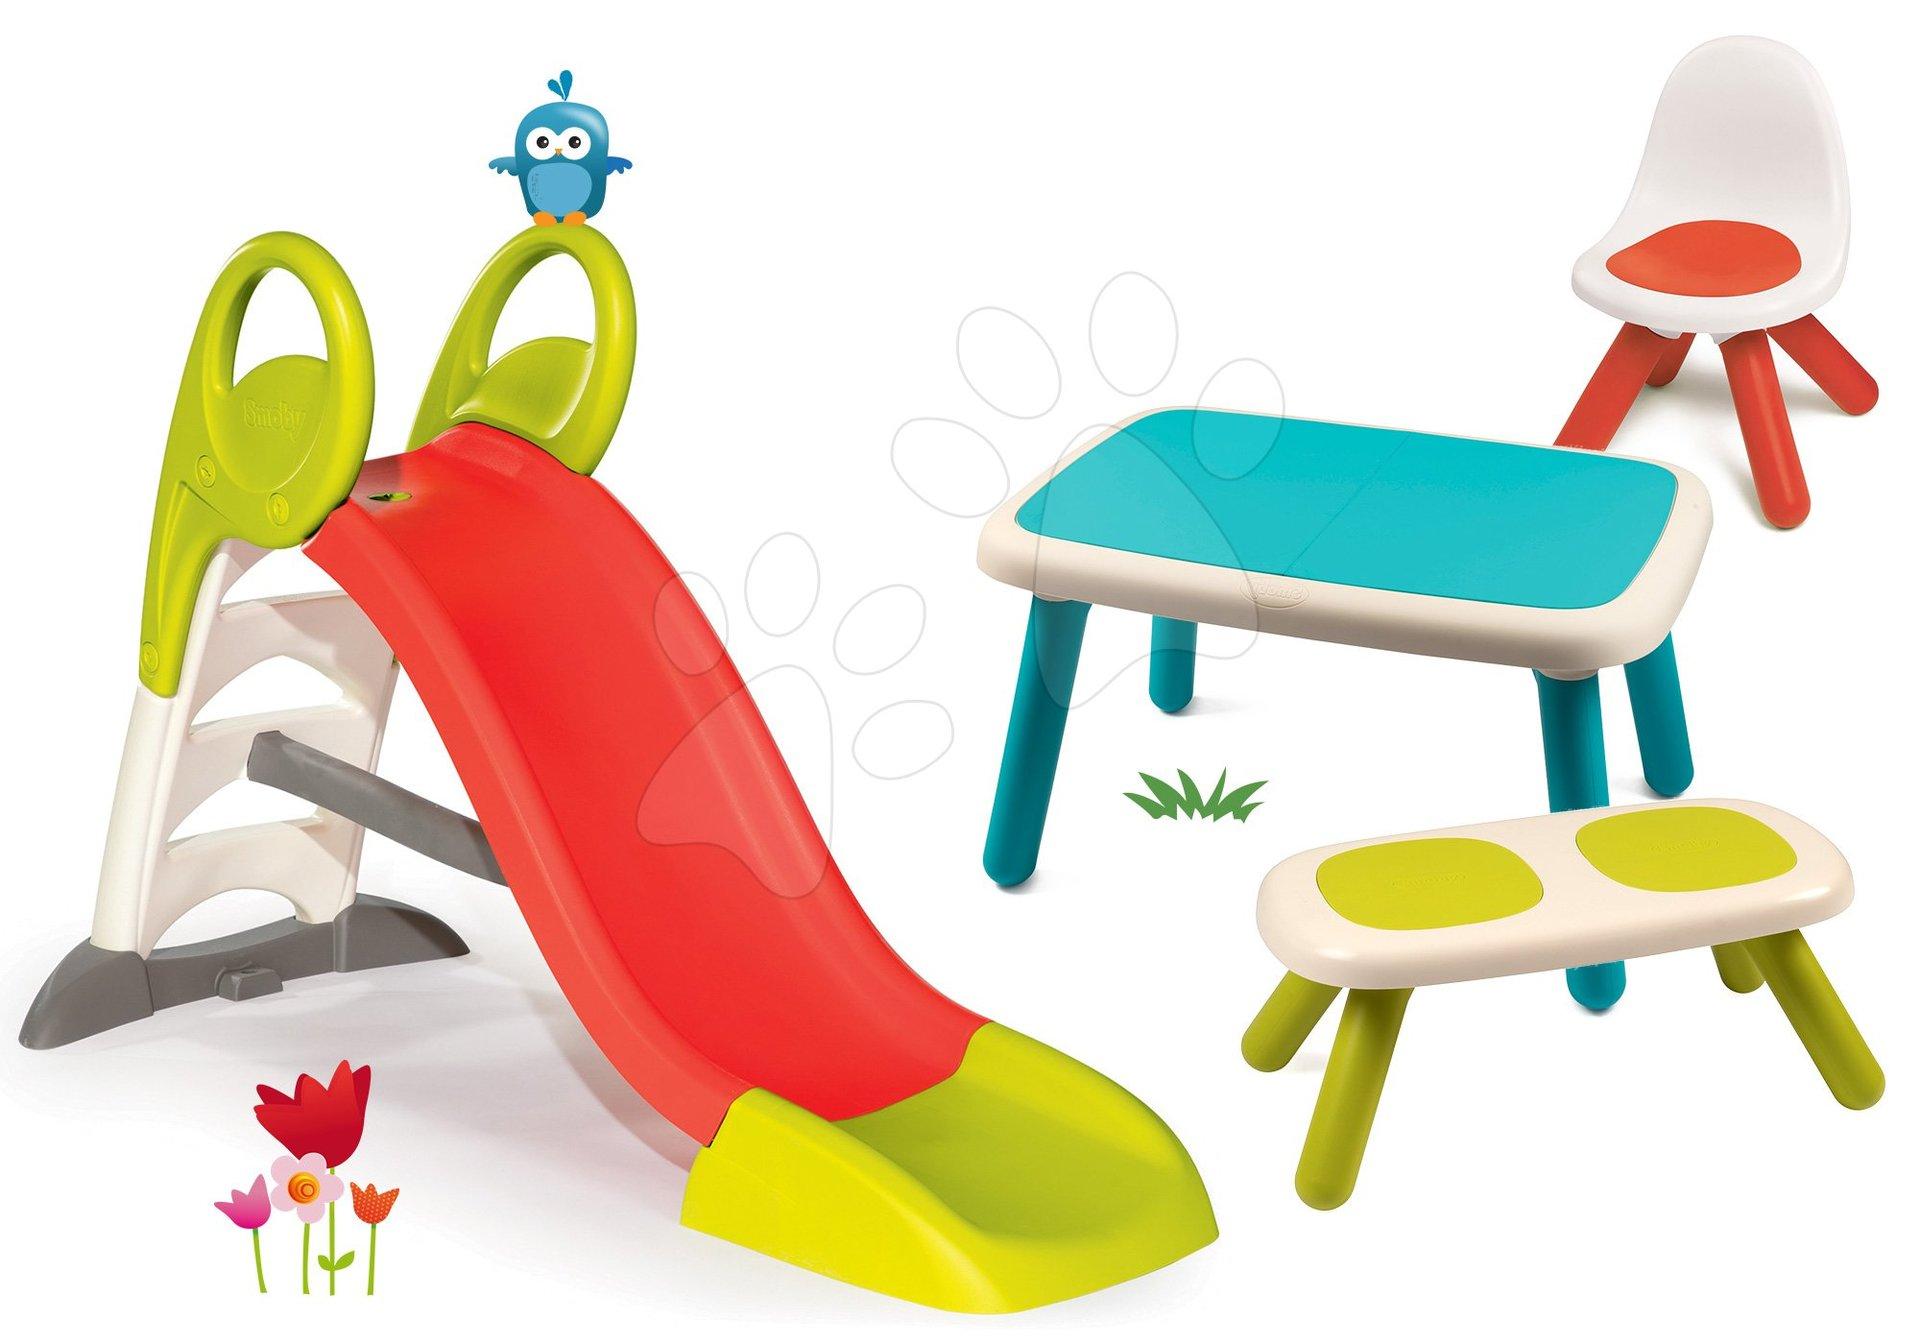 Smoby set šmykľavka Toboggan KS a detský stolík Piknik s dvoma stoličkami KidChair Red 310262-1